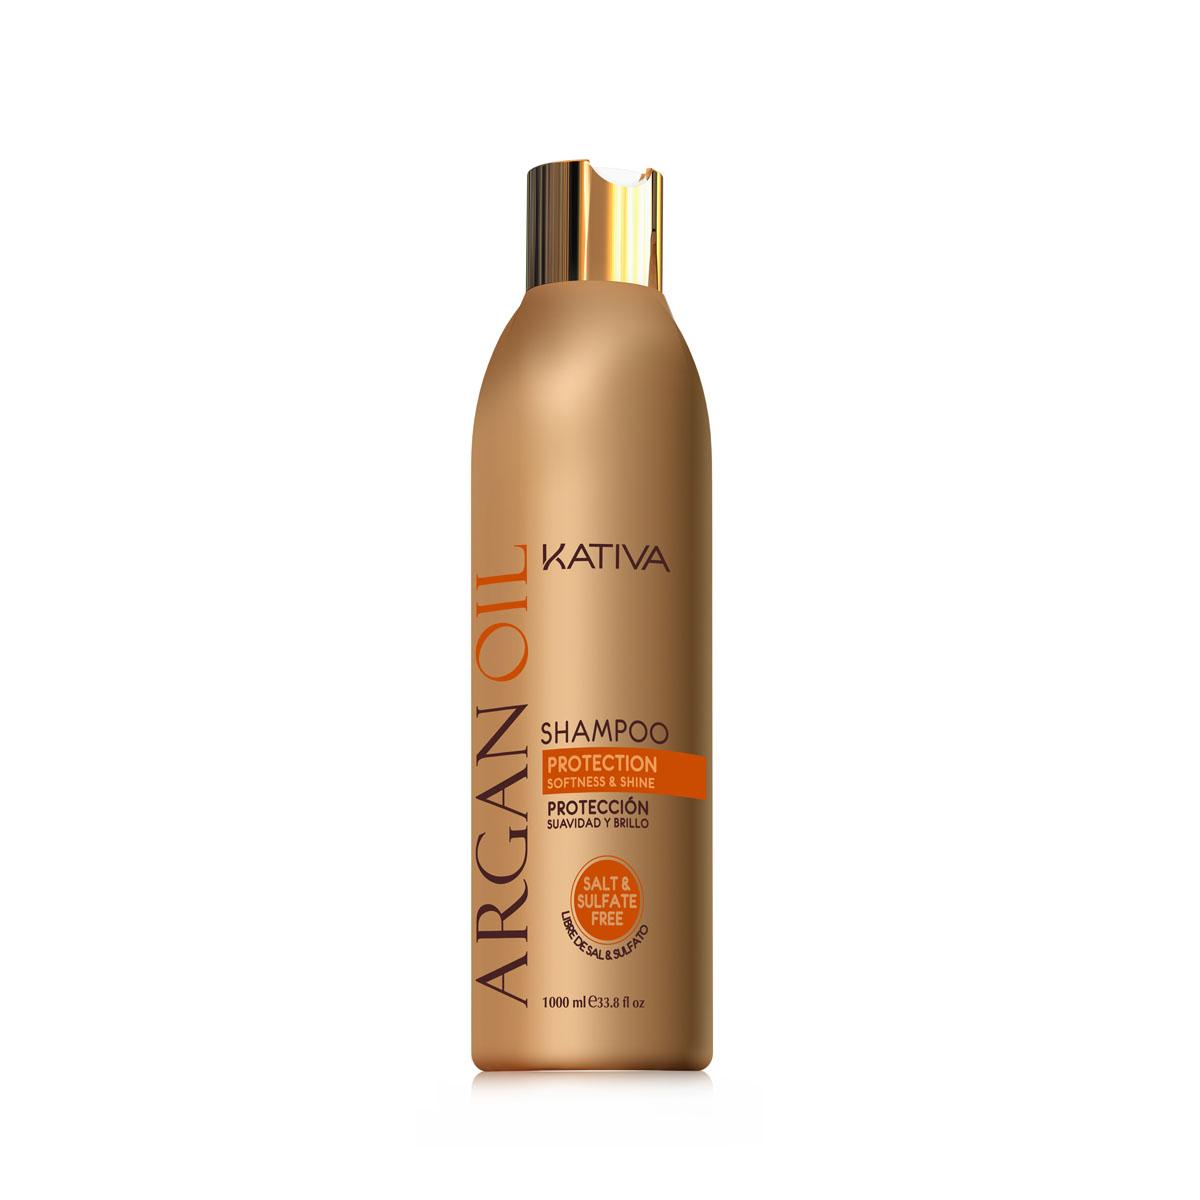 Kativa ARGANA Увлажняющий шампунь с маслом Арганы 250 млMP59.4DШампунь, содержащий чистейшее аргановое масло, отлично очищает волосы, придавая им желанную шелковистость.Активные компоненты, входящие в состав шампуня, возвращают волосам силу, увлажняют и разглаживают по всей длине. Шампунь защищает волосы от пересушивания, вызванного влиянием негативных факторов окружающей среды, а также способствует сохранению цвета окрашенных волос.